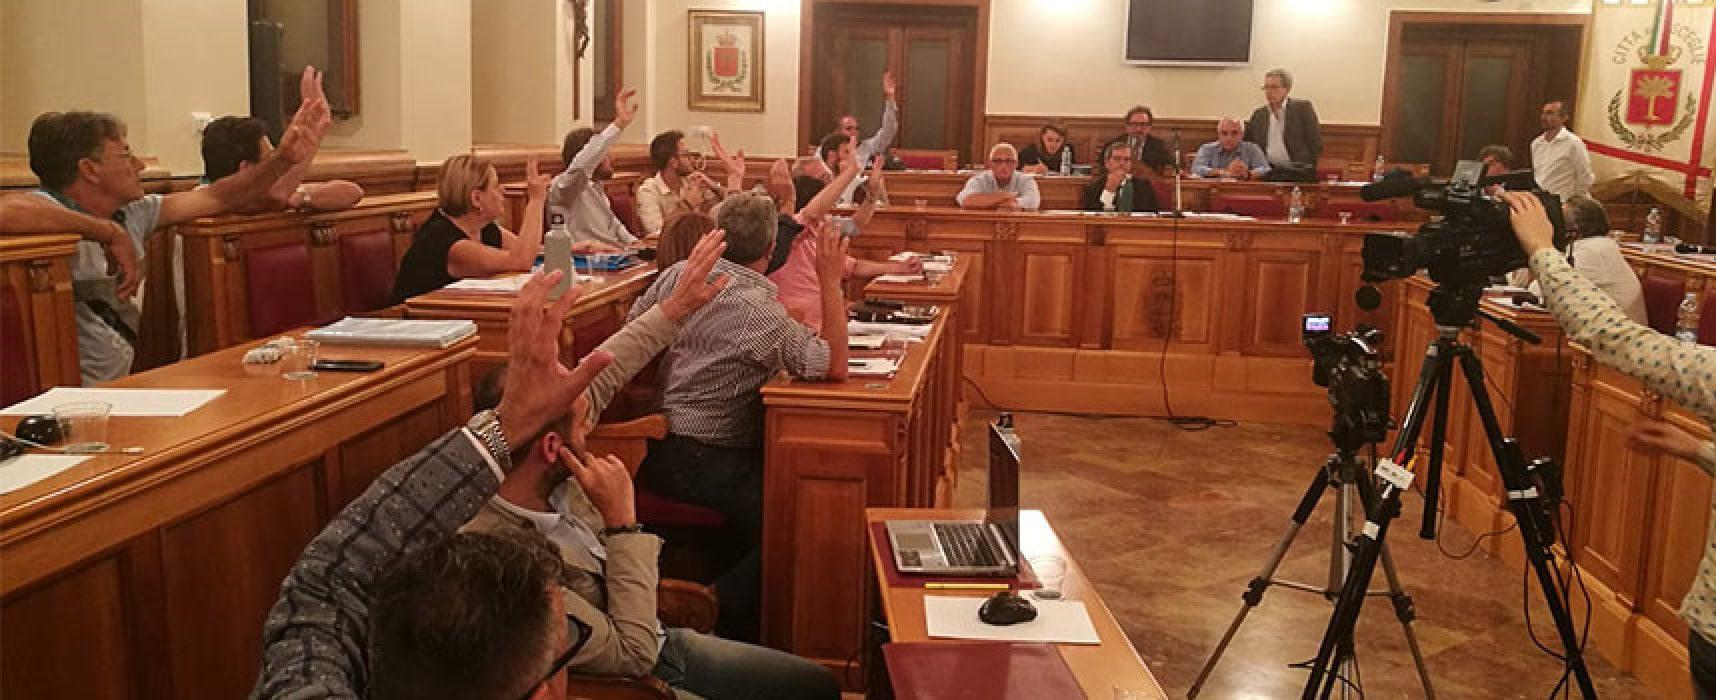 Consiglio comunale, all'ordine del giorno approvazione Dup e 5G